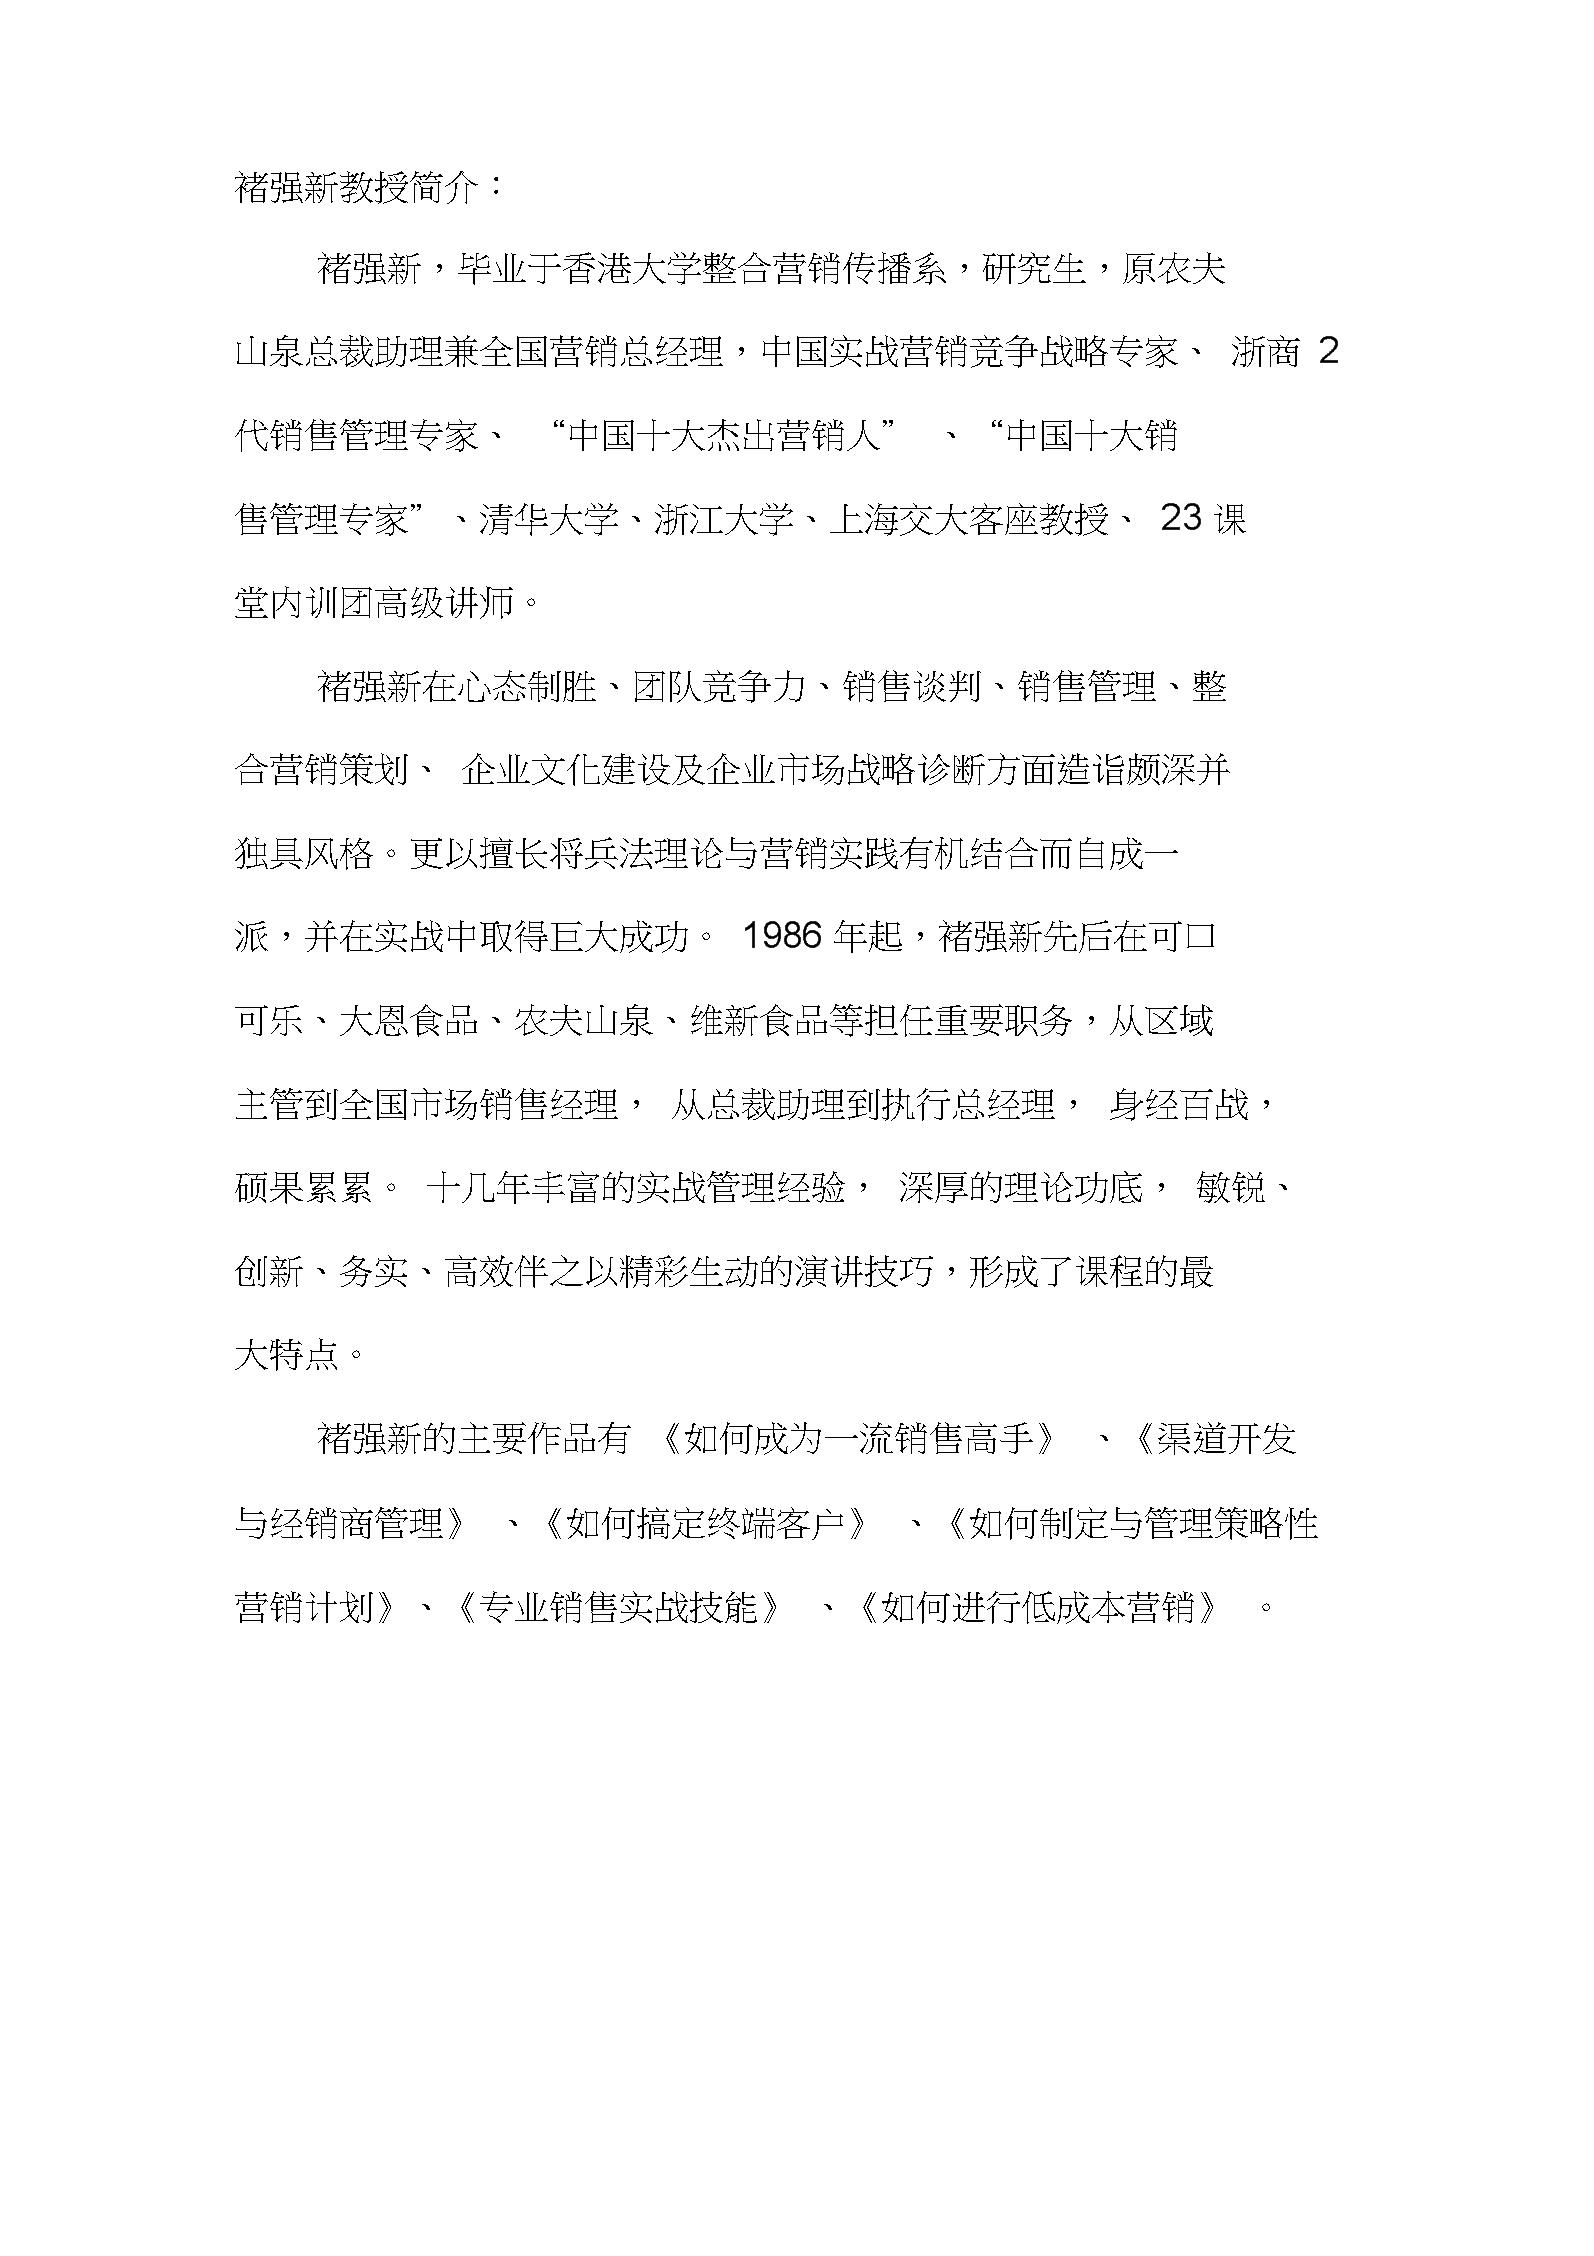 褚强新教授简介.docx